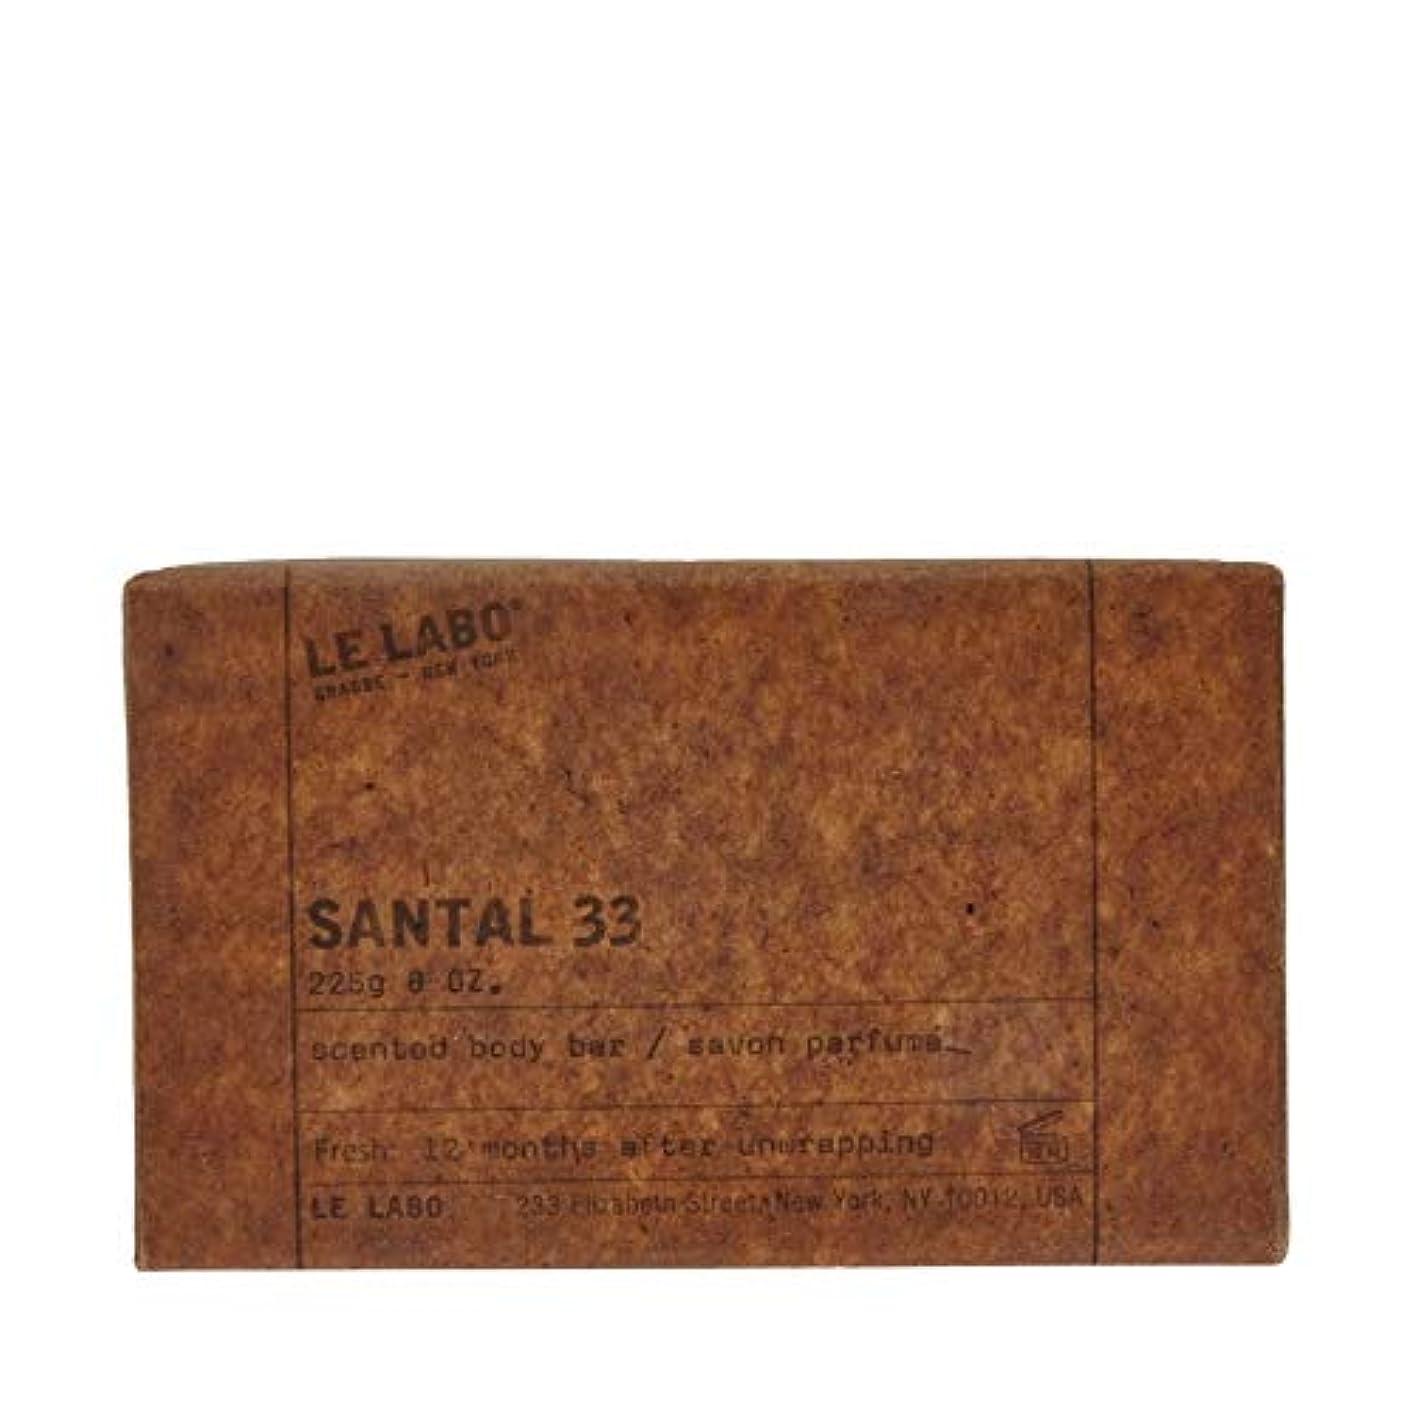 実施する相関するごちそう[Le Labo ] ルラボサンタル33石鹸225グラム - Le Labo Santal 33 Soap 225g [並行輸入品]